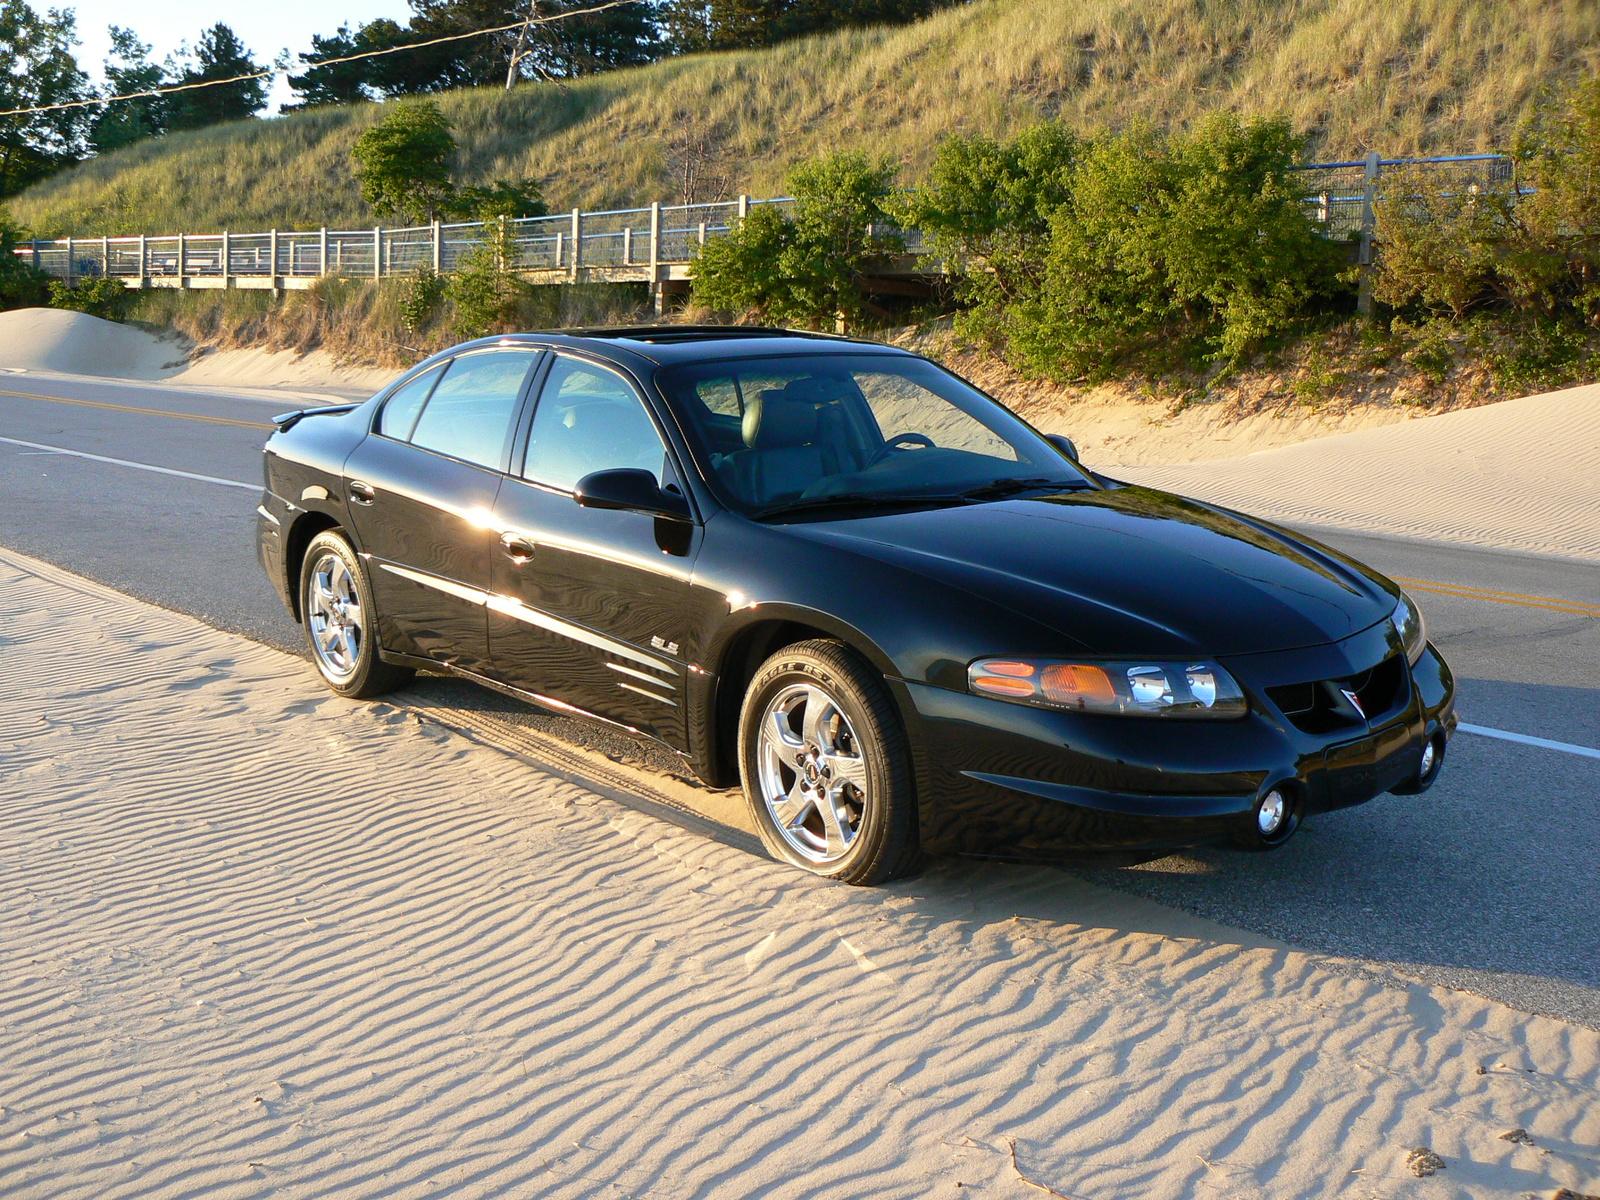 2003 Pontiac Bonneville SLE - Pictures - 2003 Pontiac Bonneville SLE ...